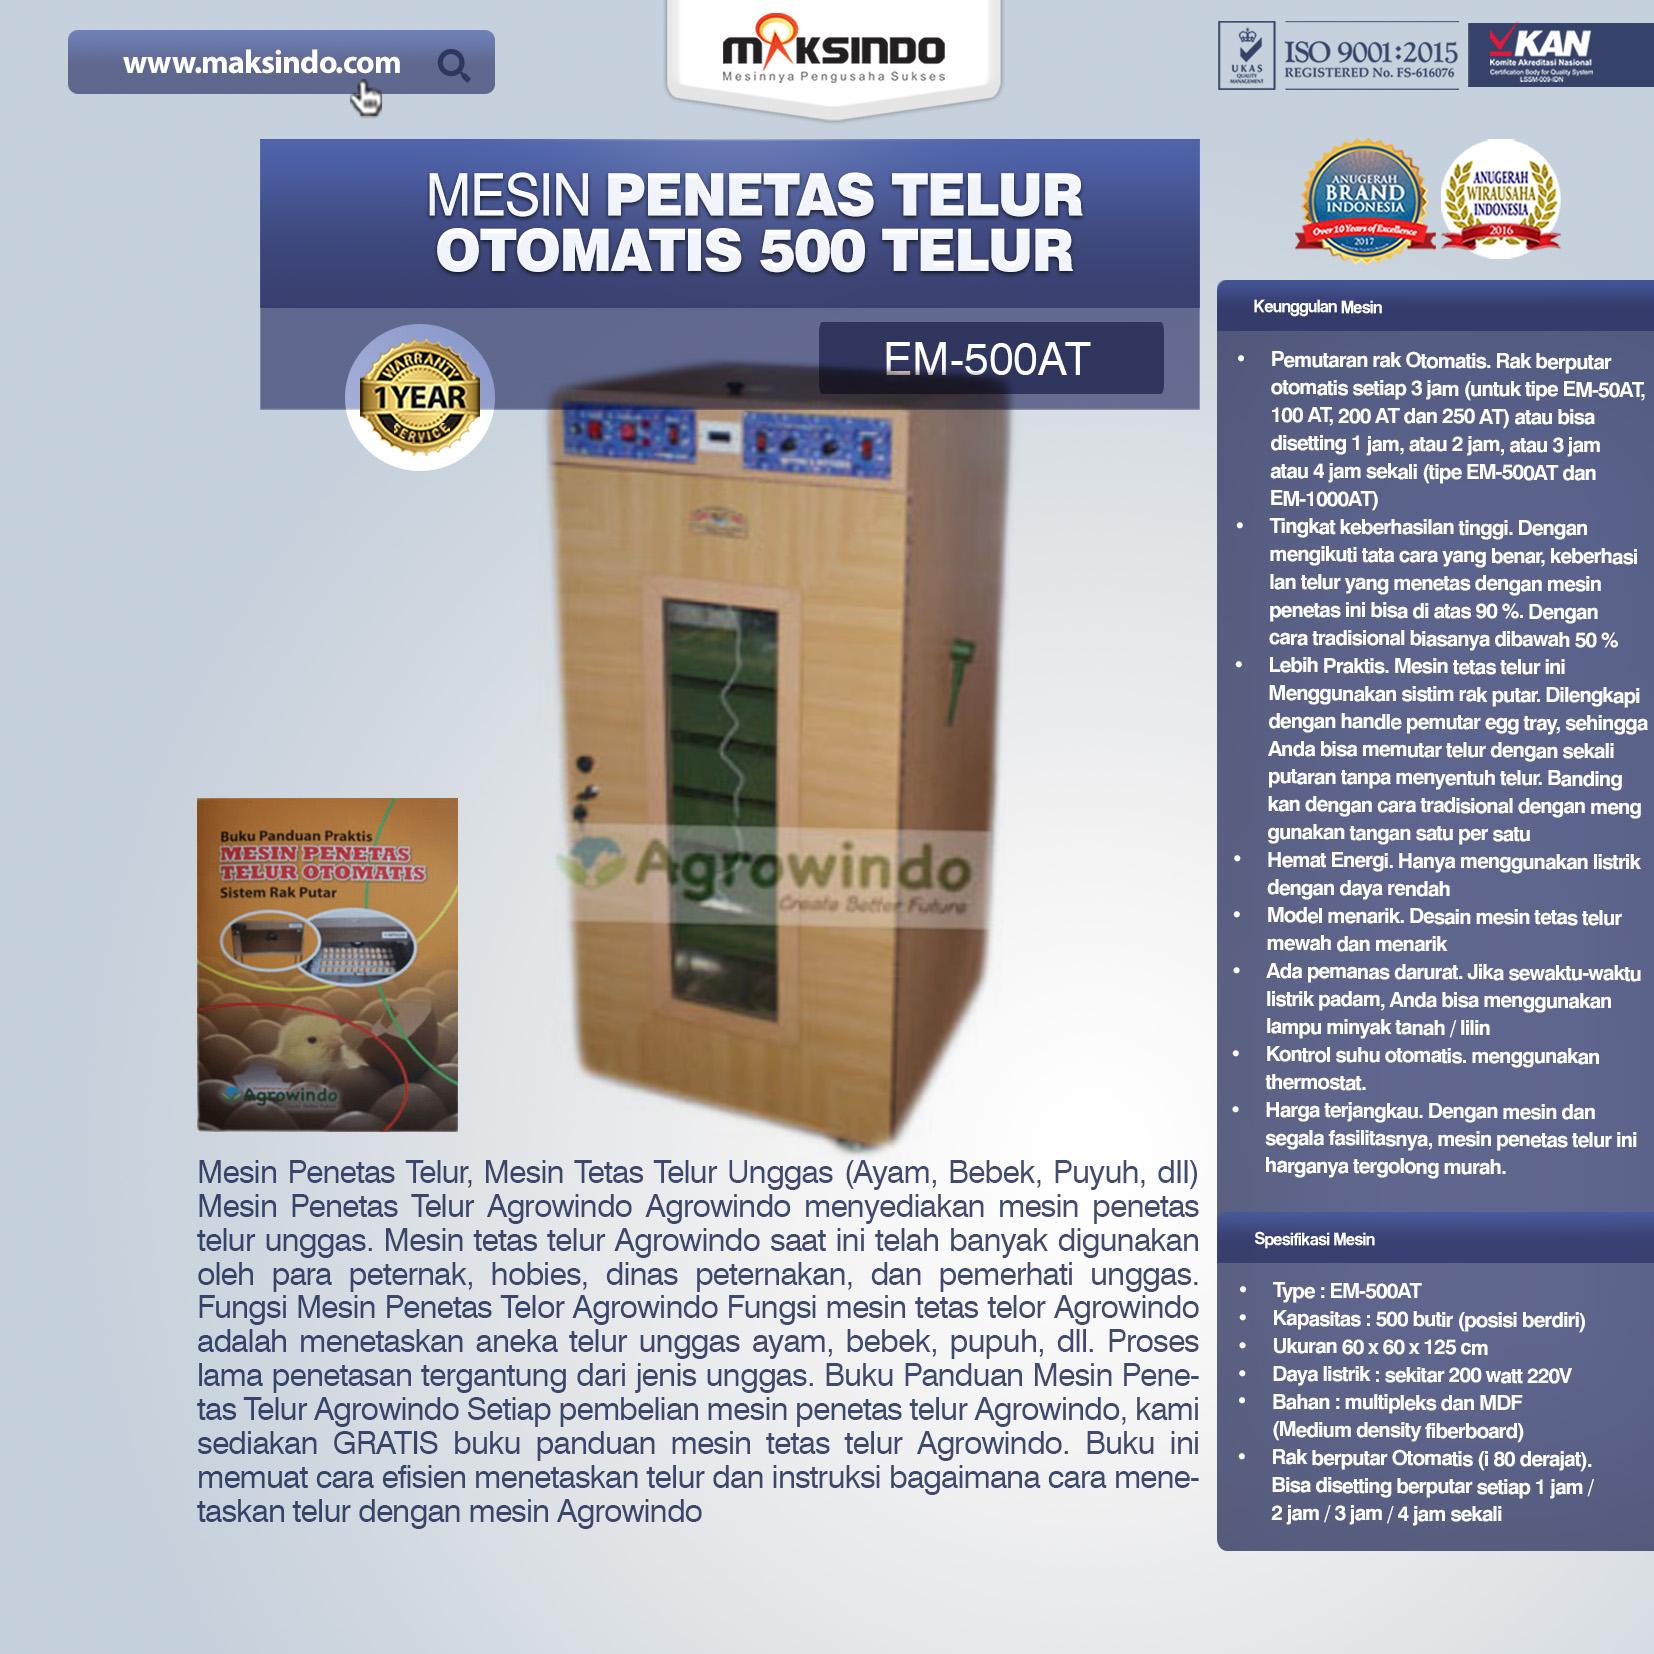 Jual Mesin Penetas Telur Otomatis 500 Telur (EM-500AT) di Bali